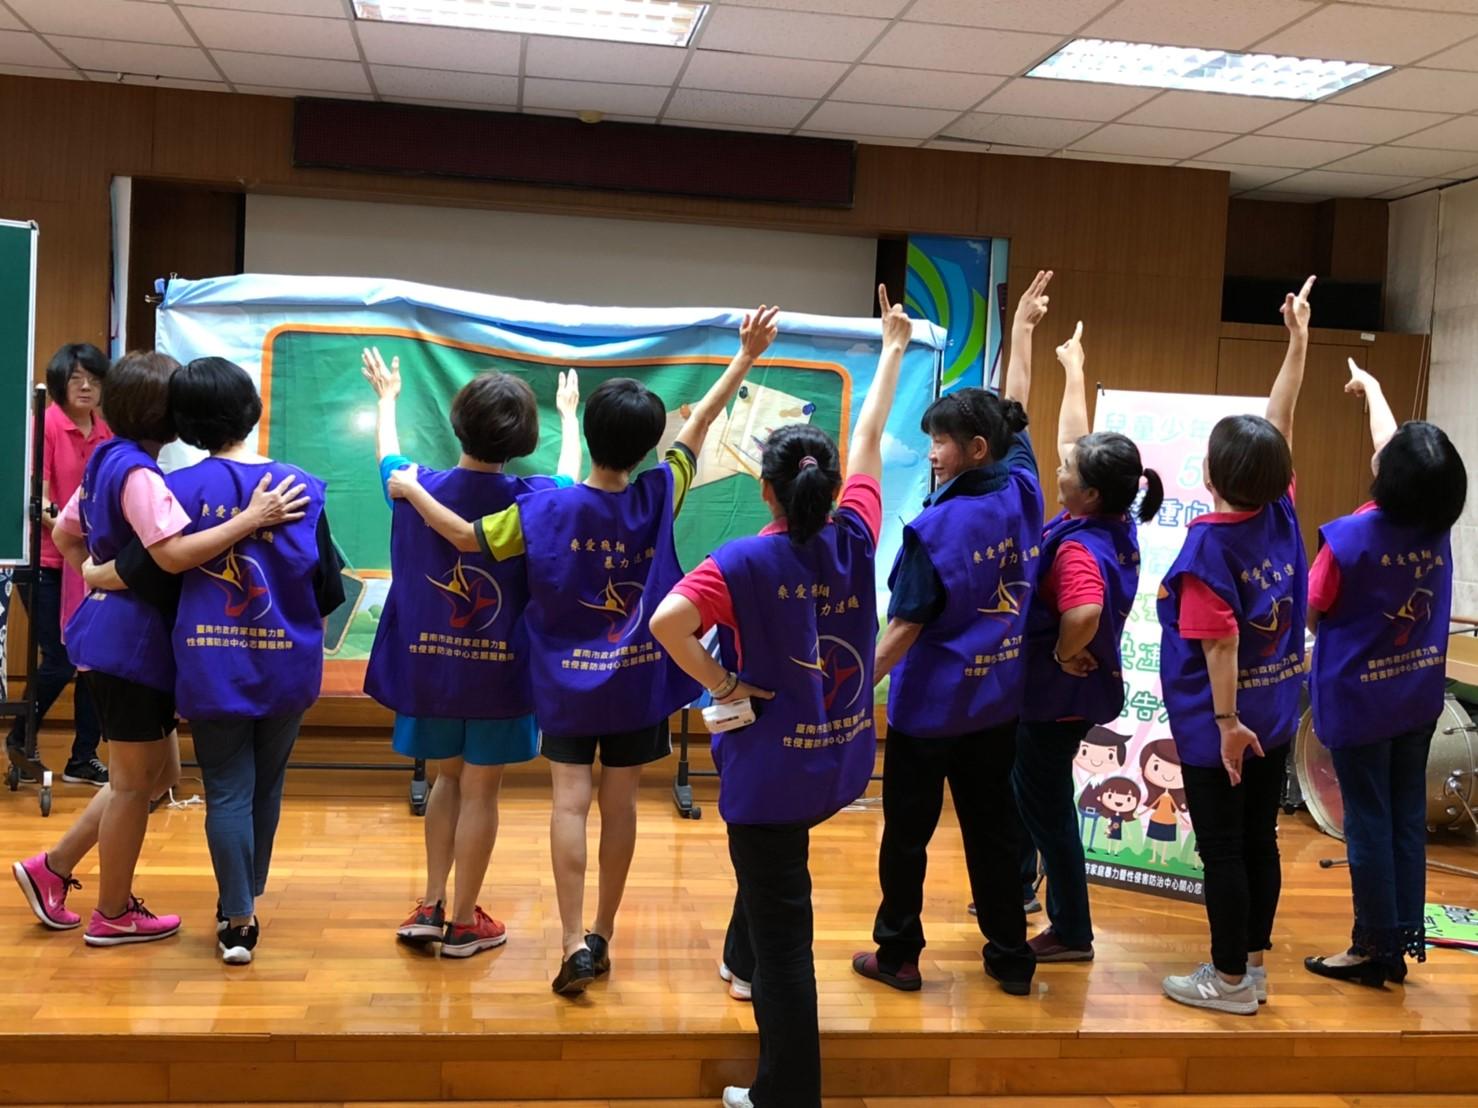 永康區復興國小之第十場行動劇宣導活動-志工隊響應OBR反暴齊步走